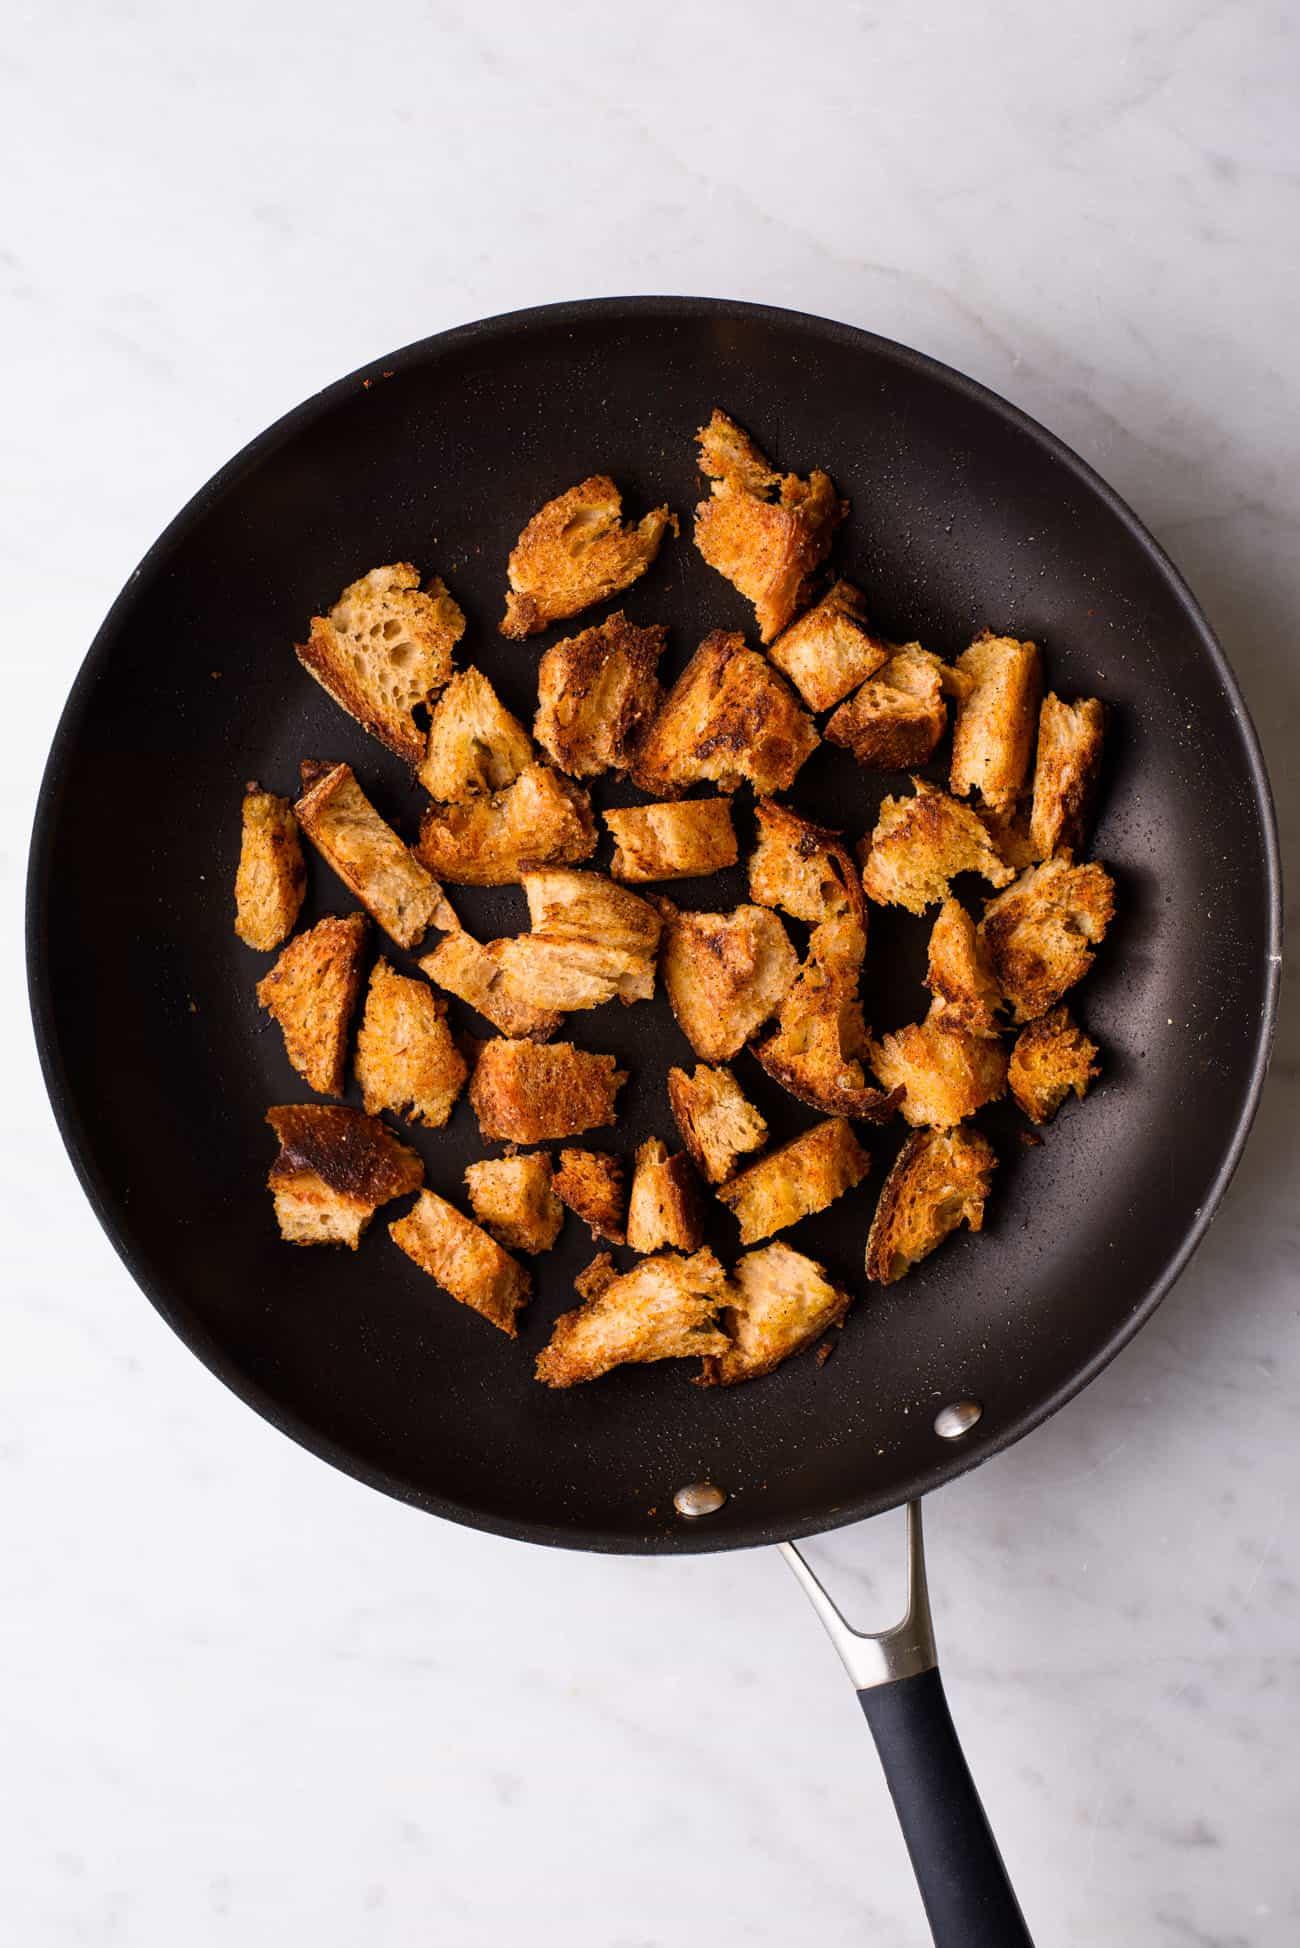 Crispy croutons in a black skillet